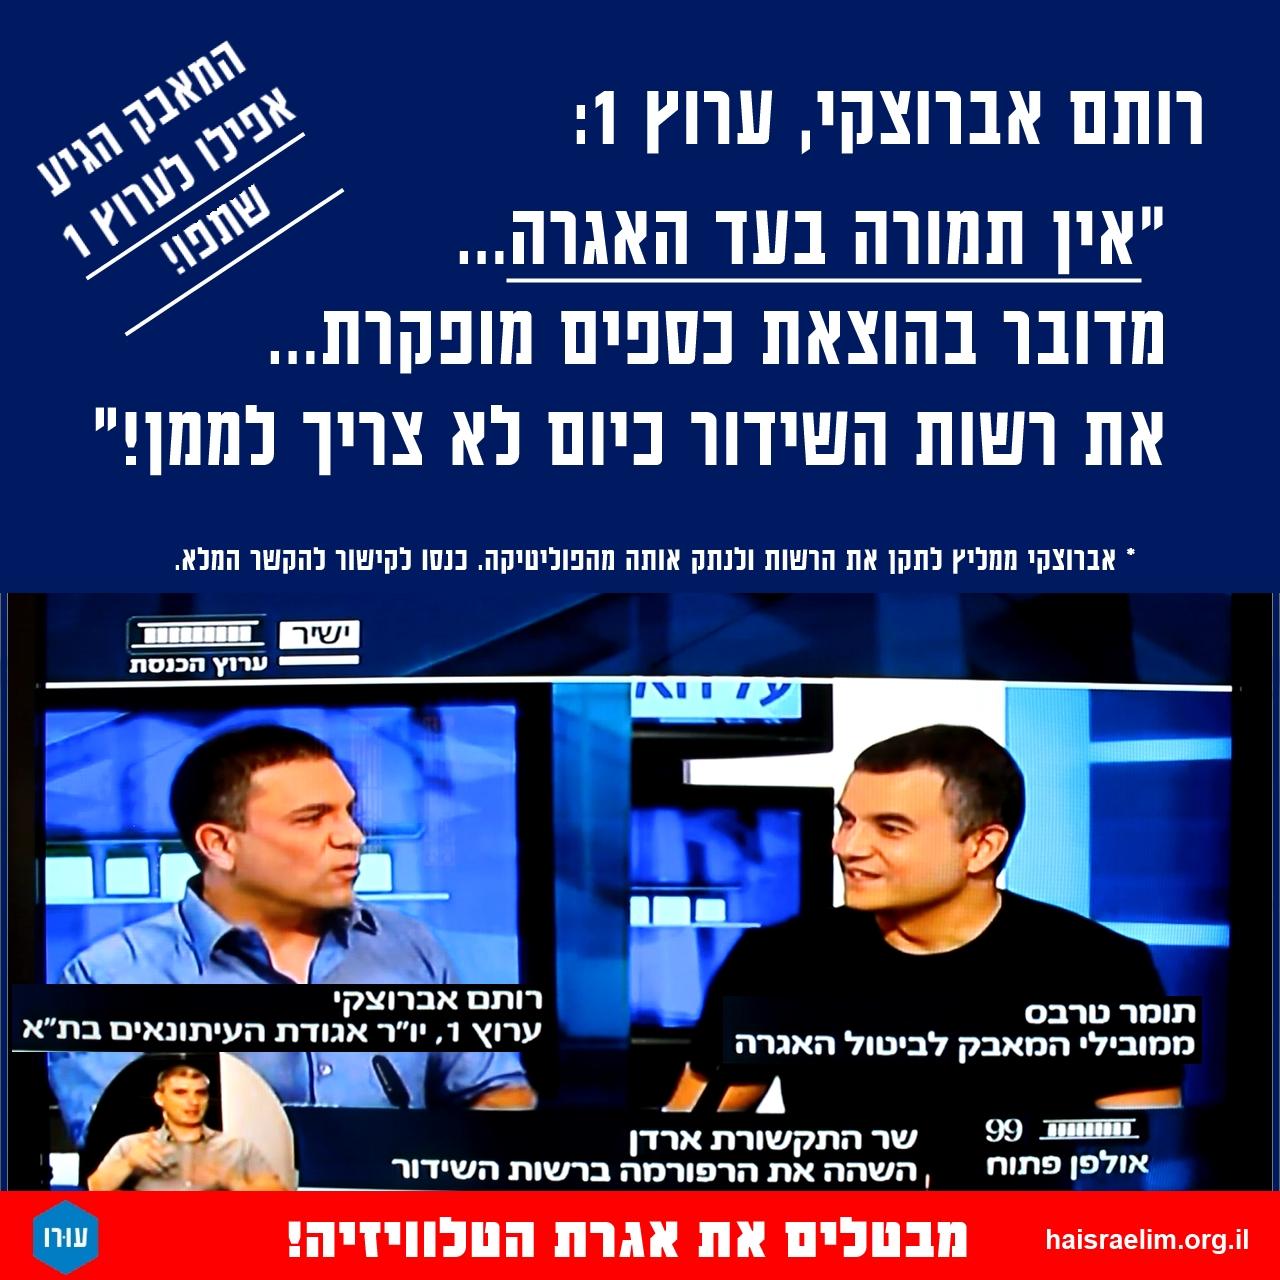 רותם אברוצקי: אין תמורה בעד האגרה